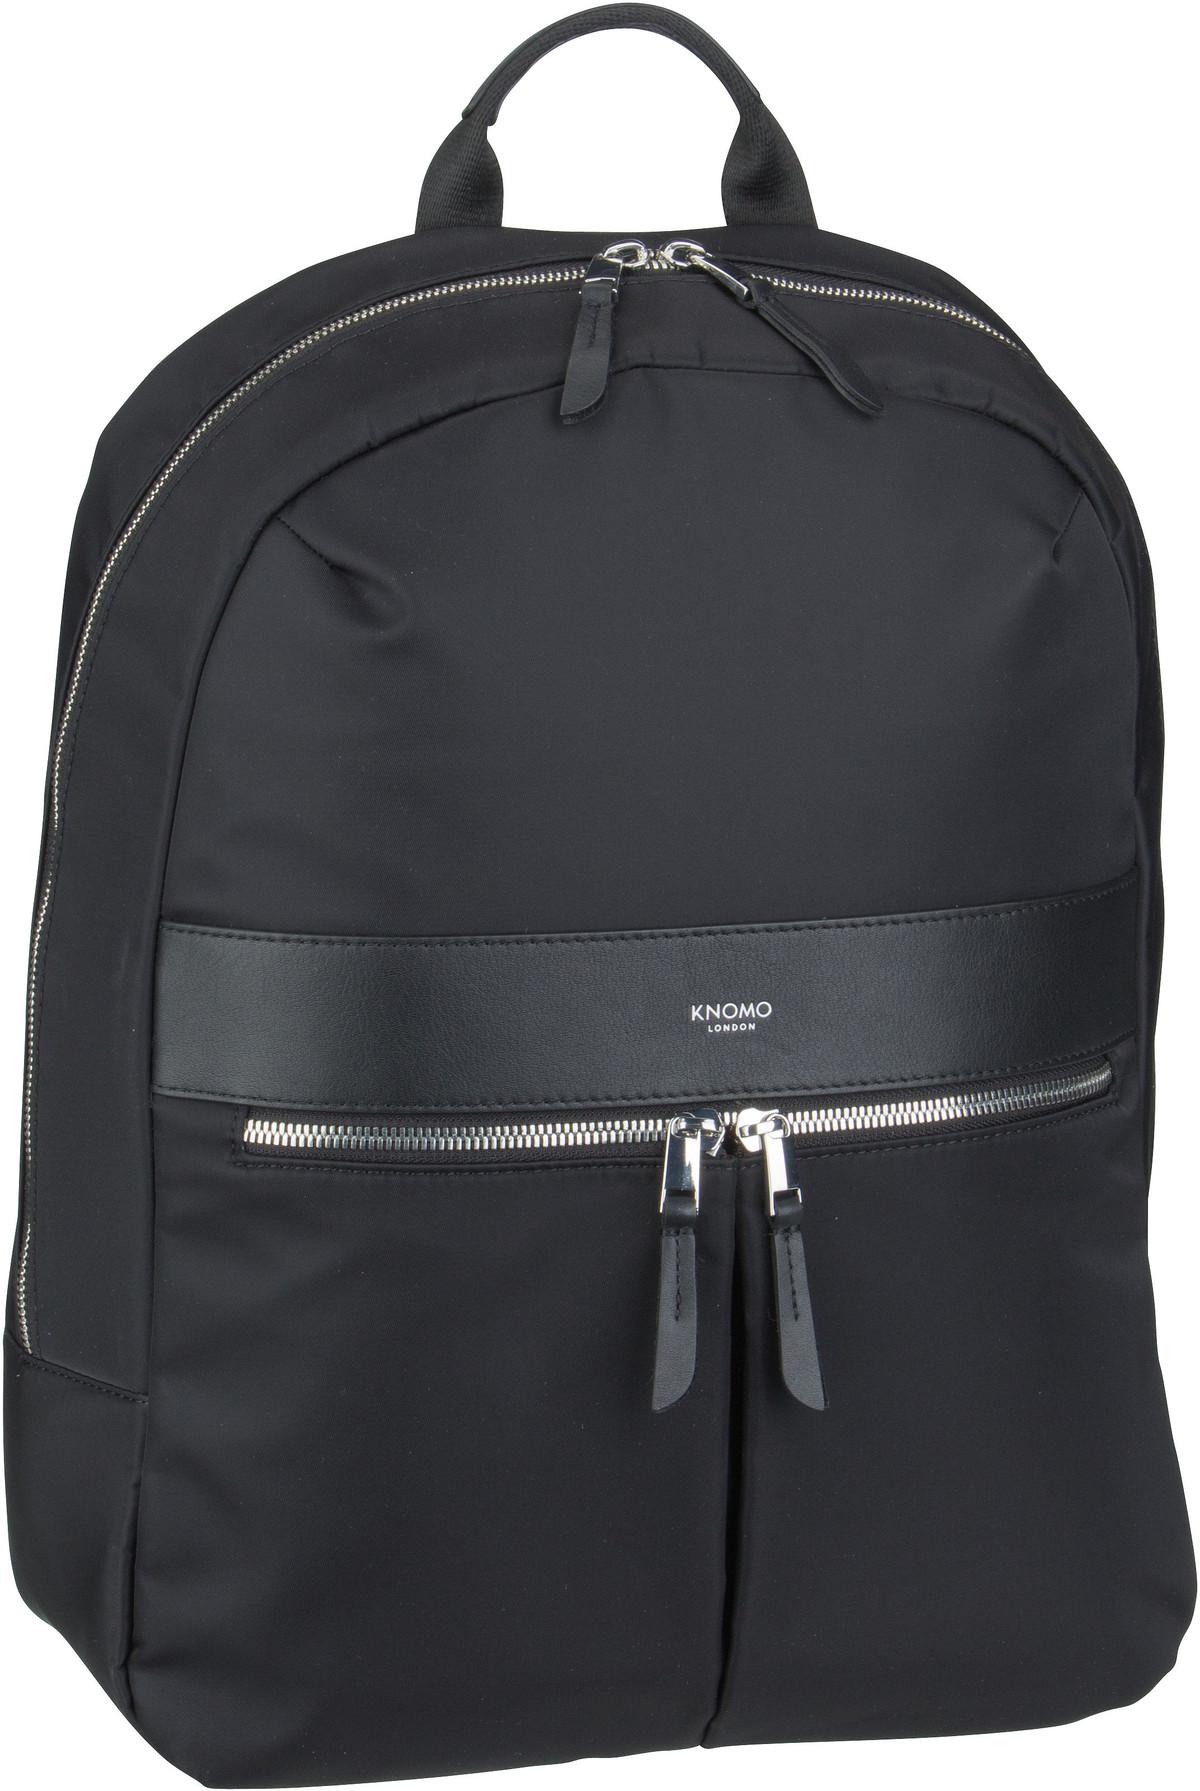 Rucksack / Daypack Mayfair Beauchamp 2.0 14'' Black/Silver (10.5 Liter)